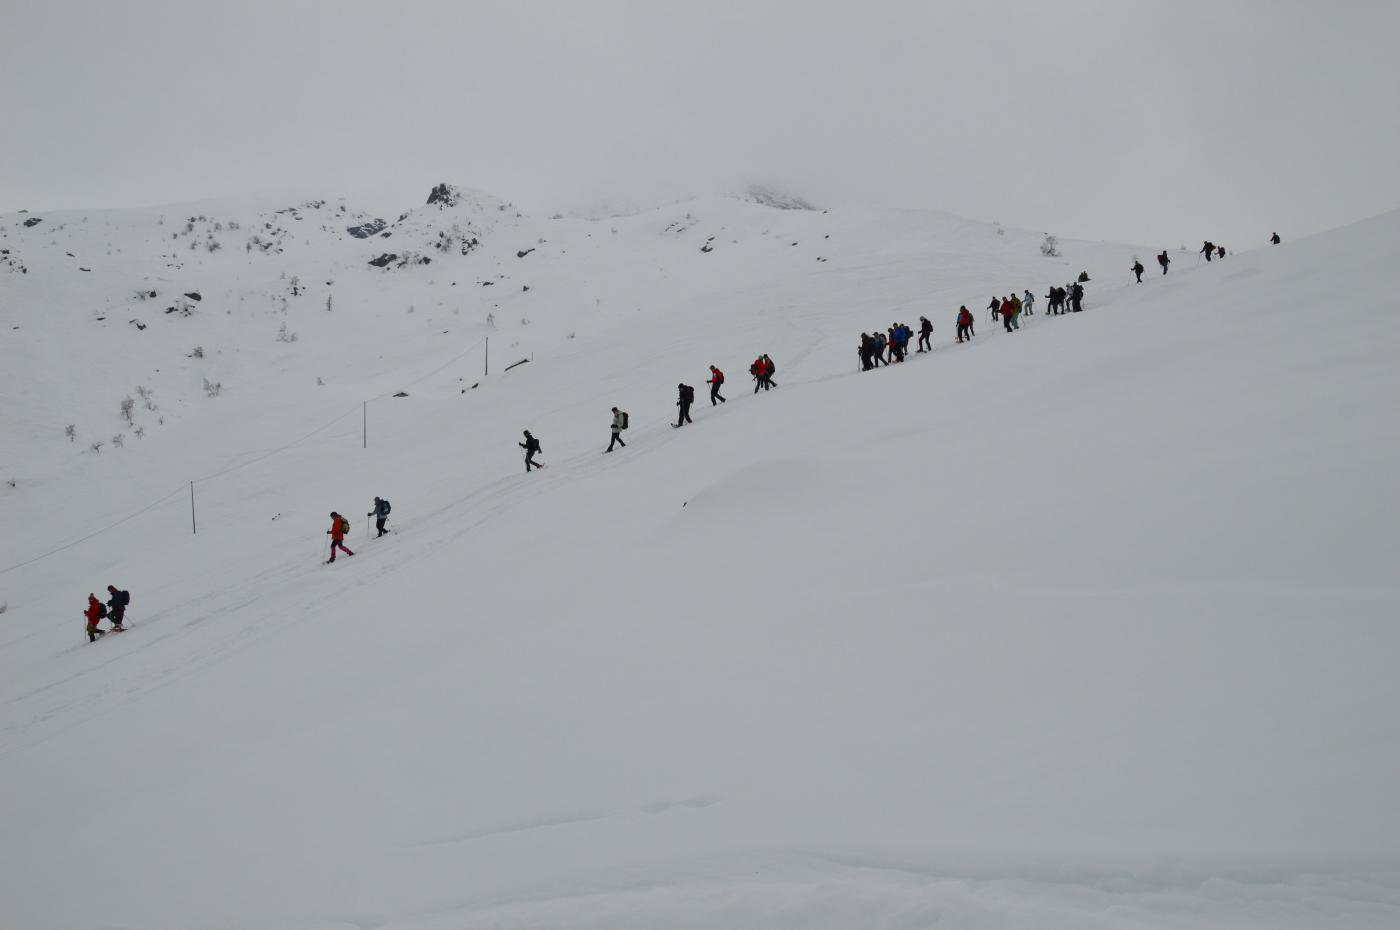 gruppo di ciaspolatori incontrati lungo il percorso